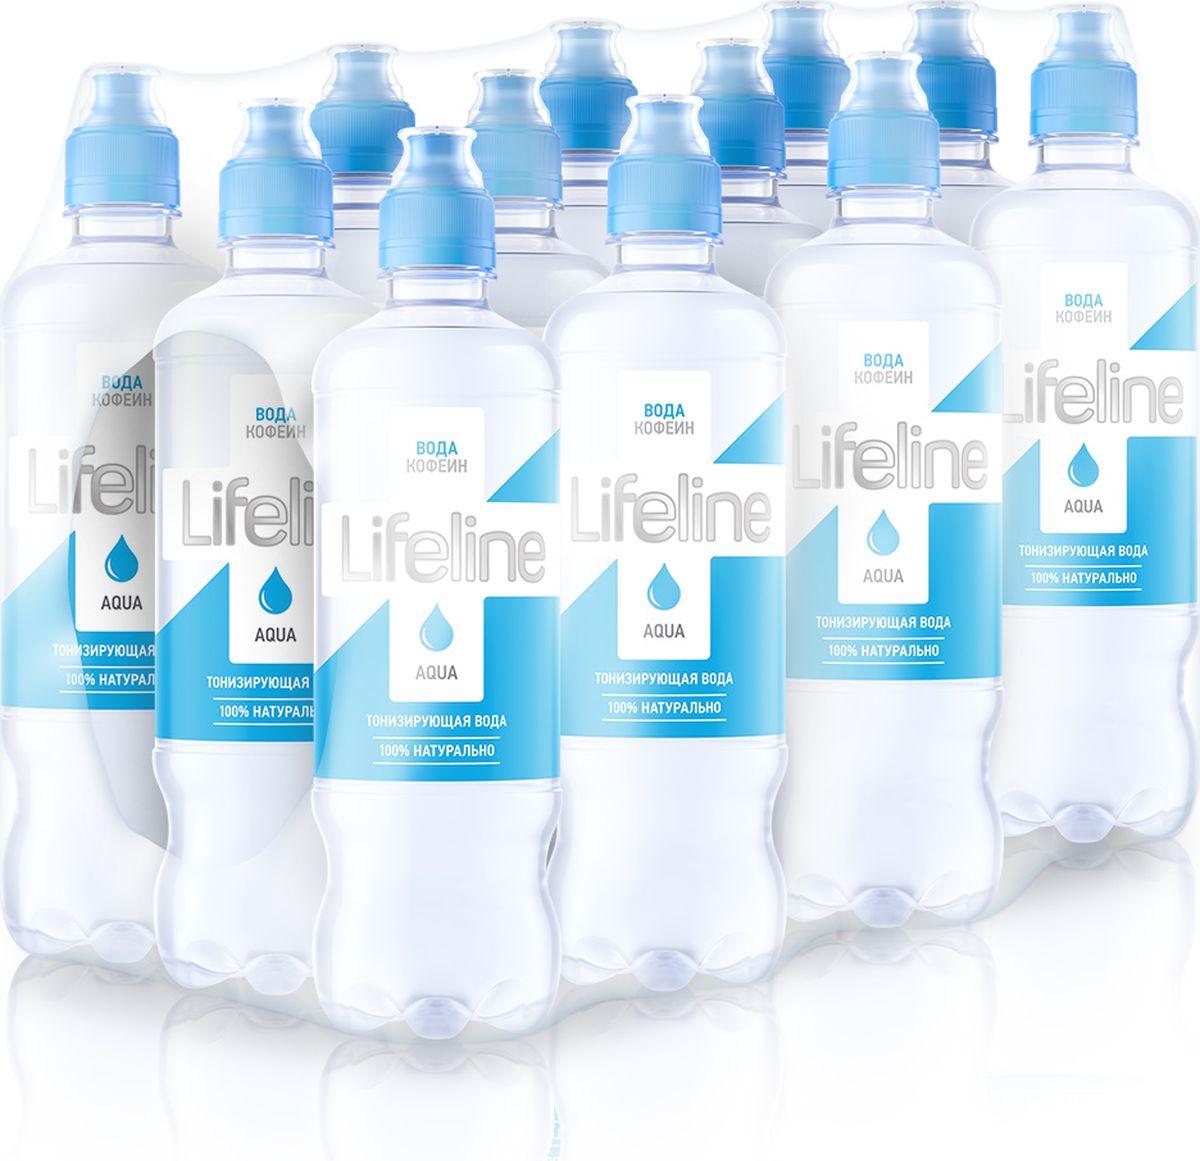 Вода Lifeline Aqua тонизирующая негазированная, с дозатором, 12 шт по 500 мл